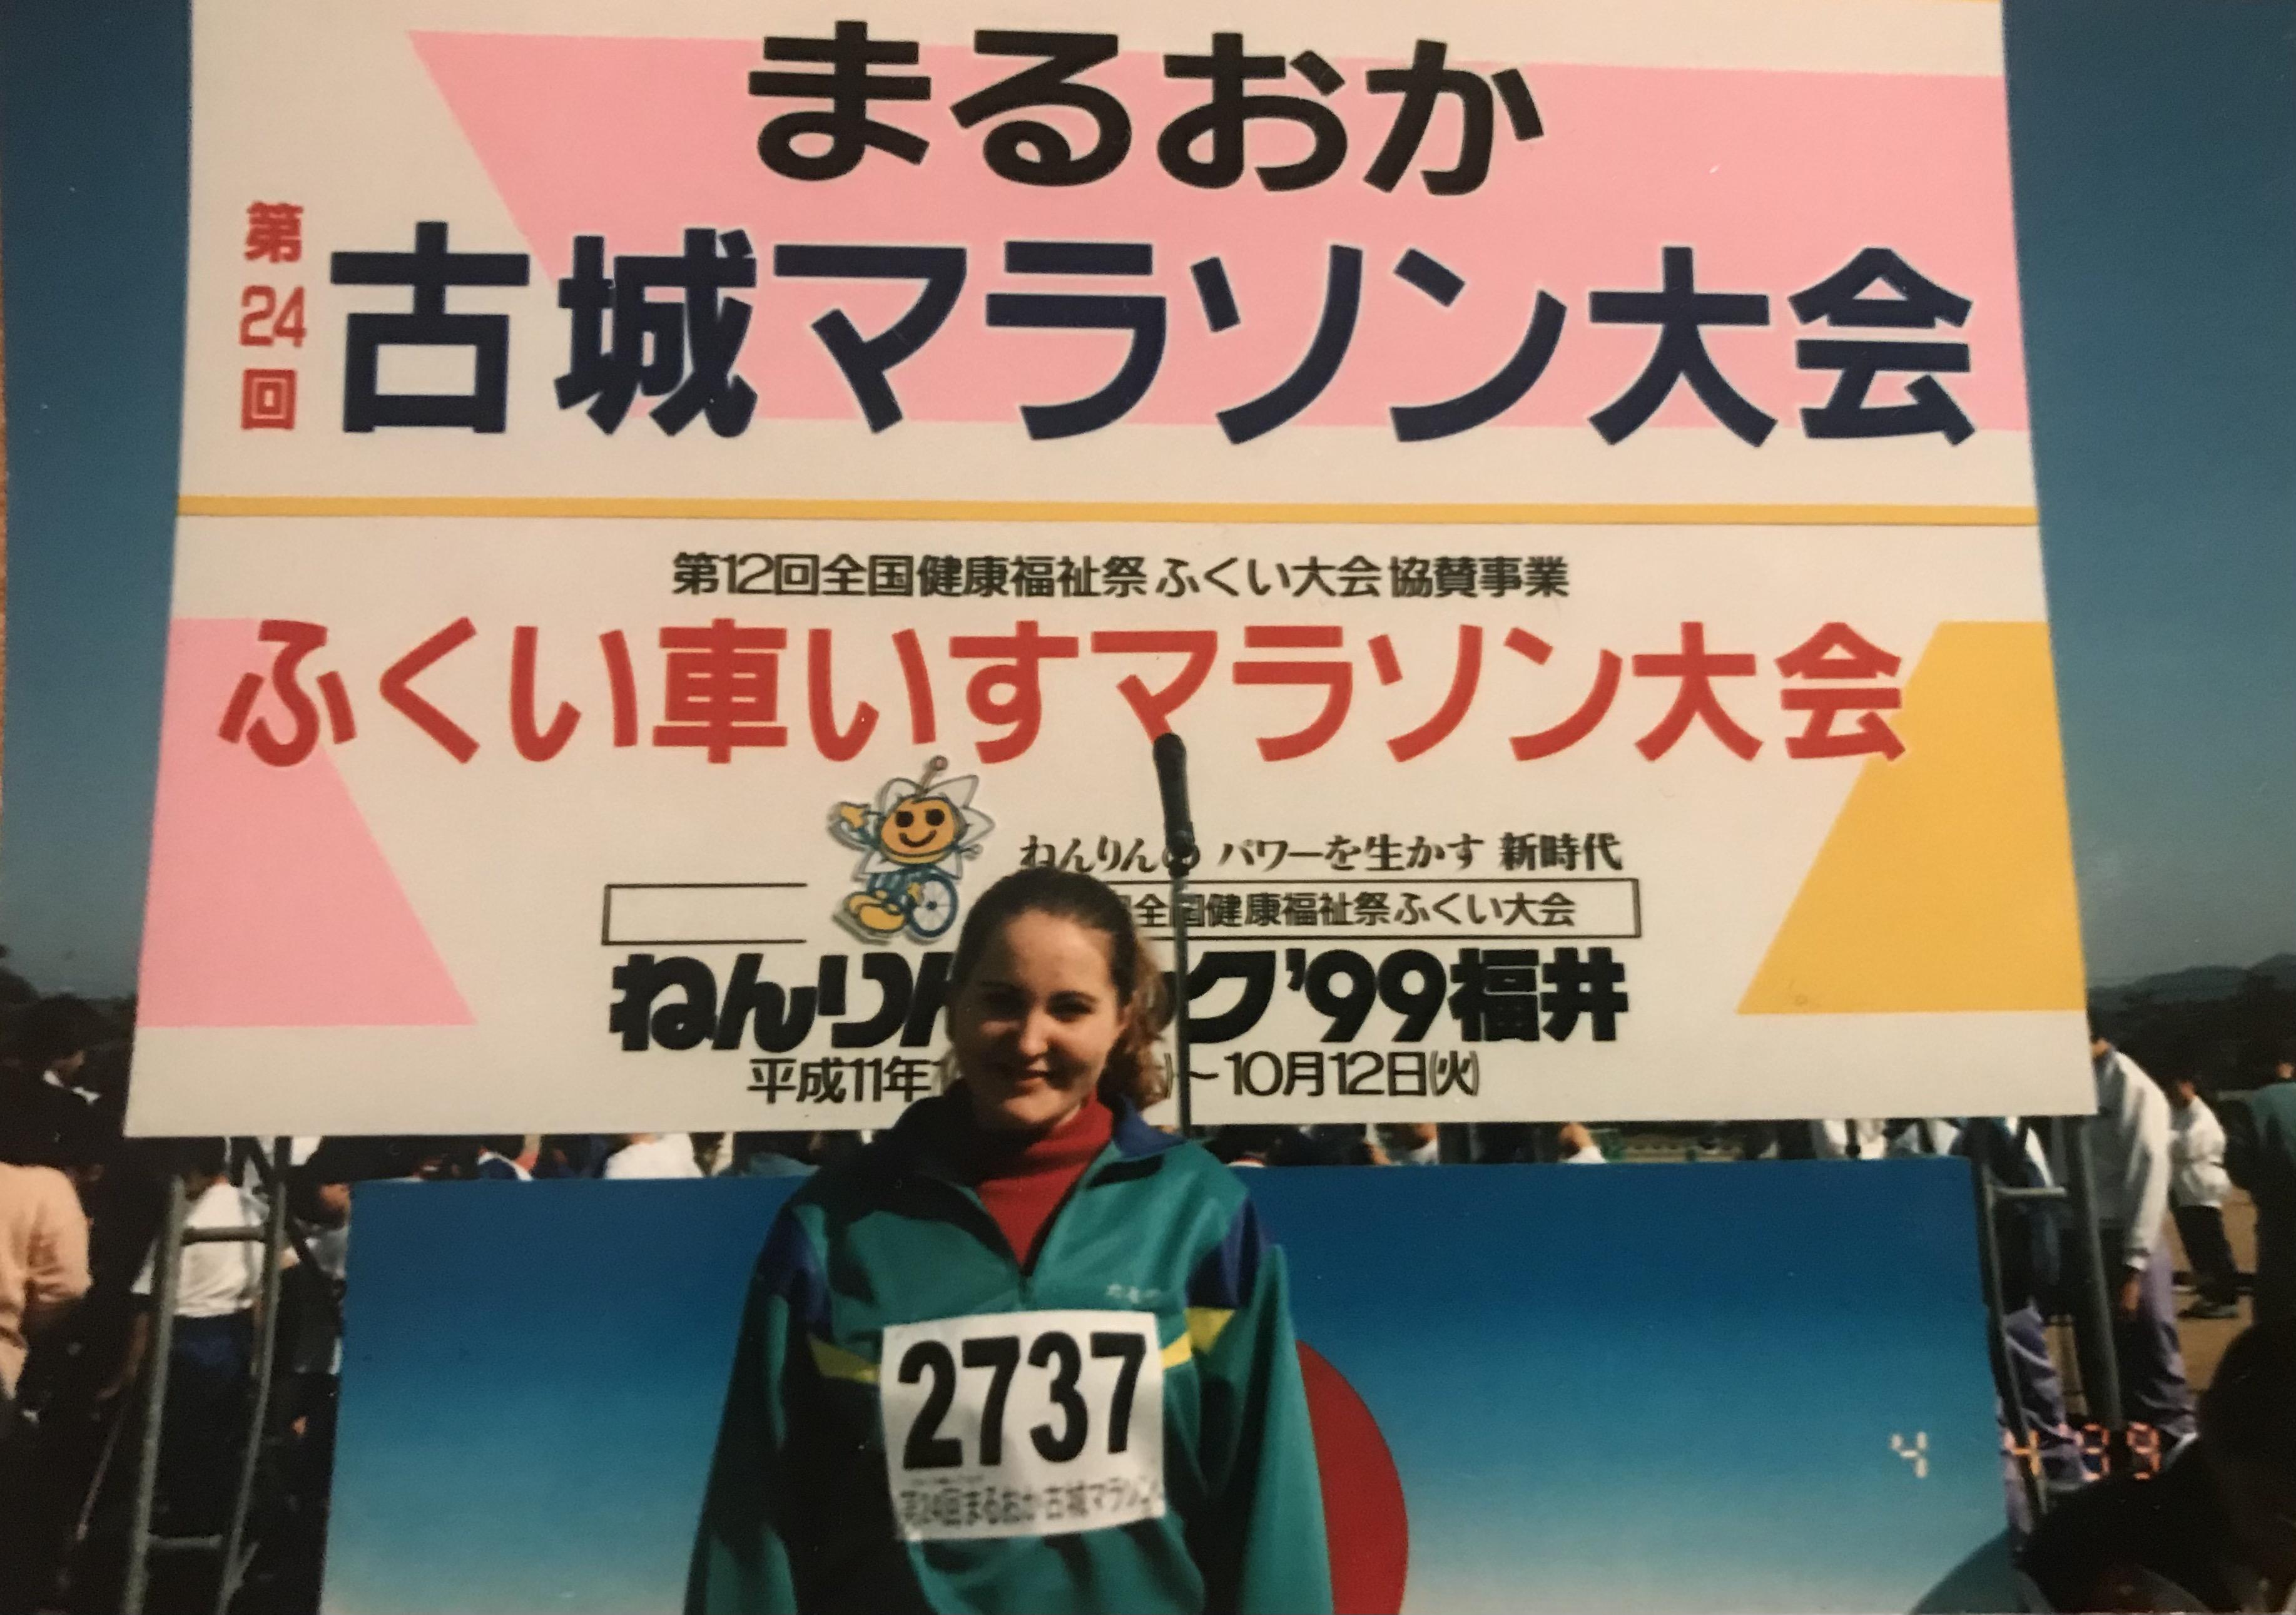 En 17-årig udgave af mig til et løb i landsbyen Maruoka, hvor jeg boede som udvekslingsstudent i 1998/99